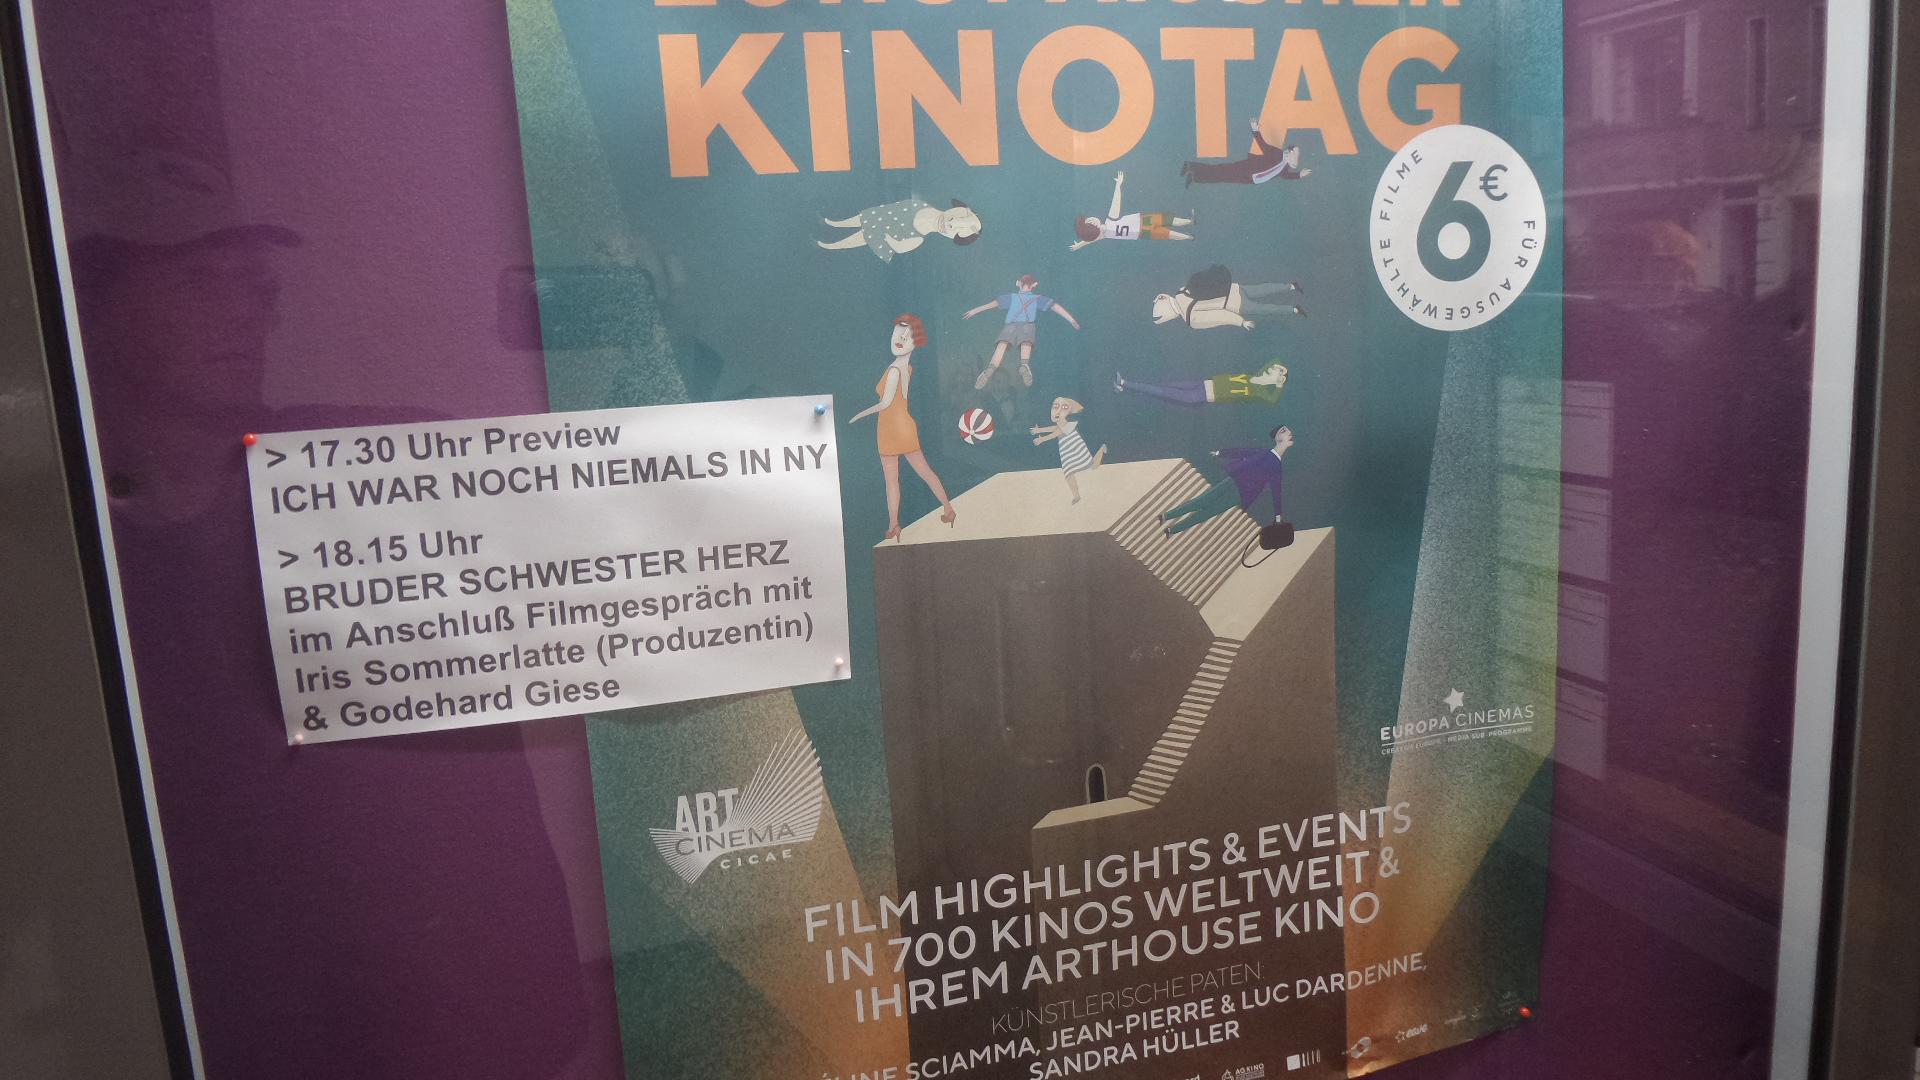 Kinotag Berlin